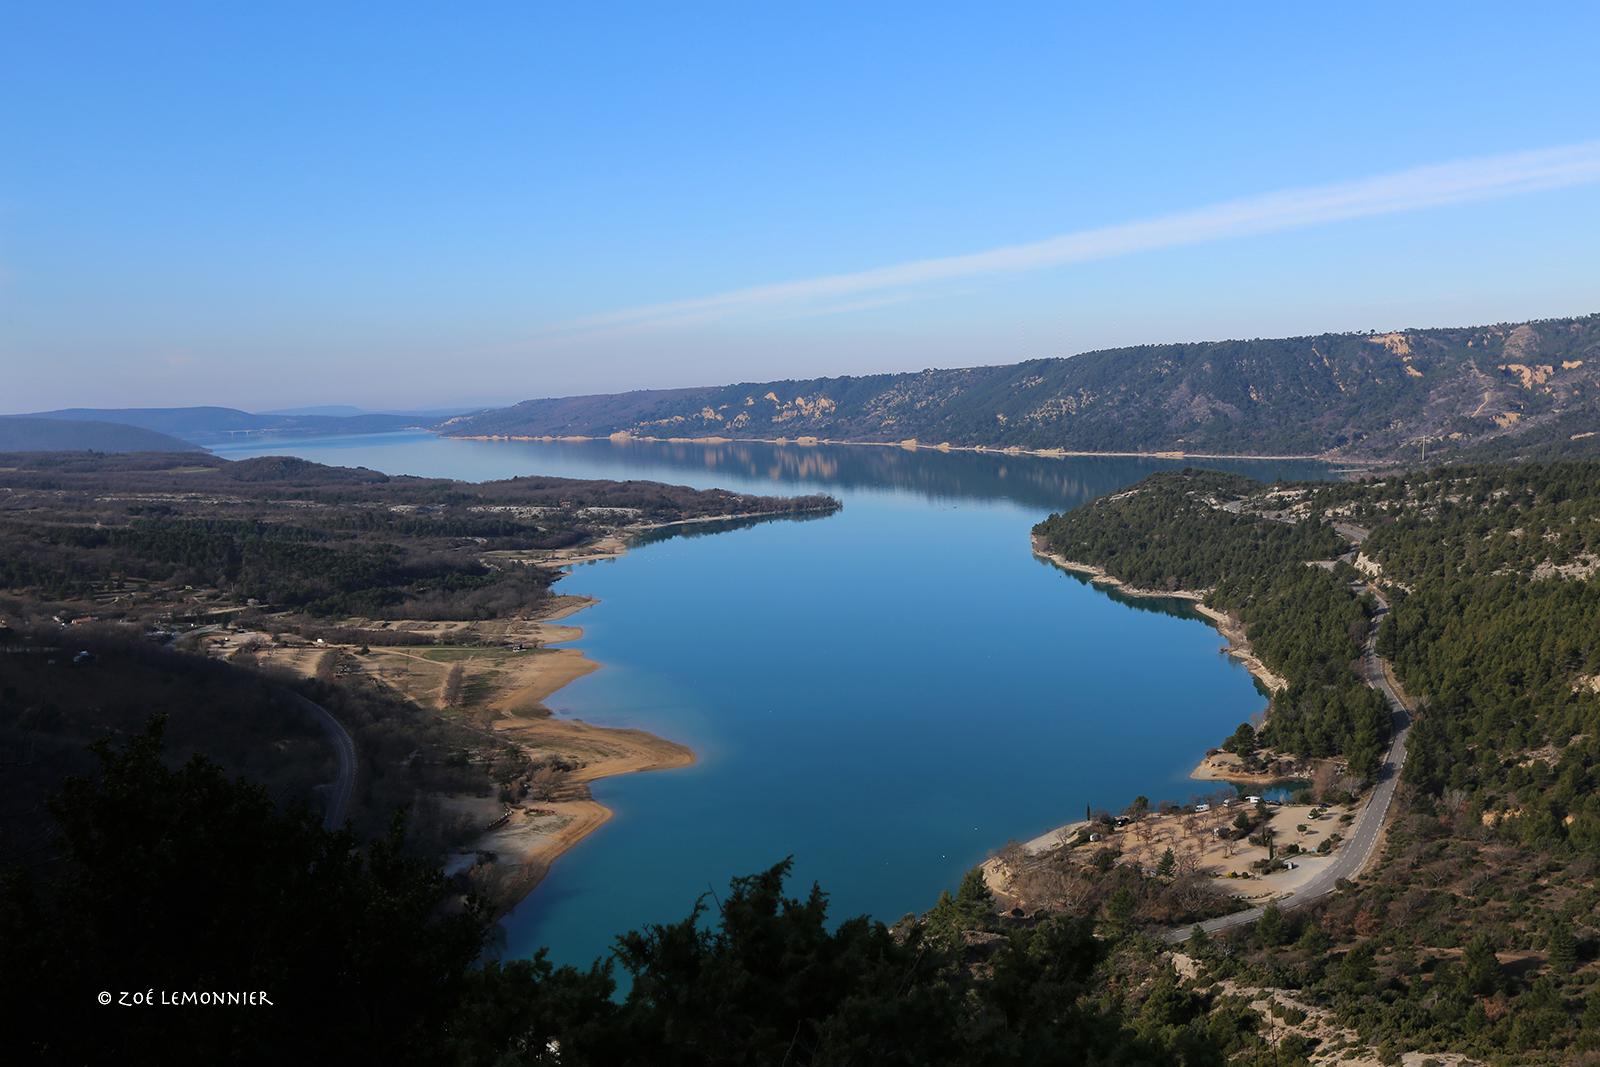 Le Lac de Sainte Croix